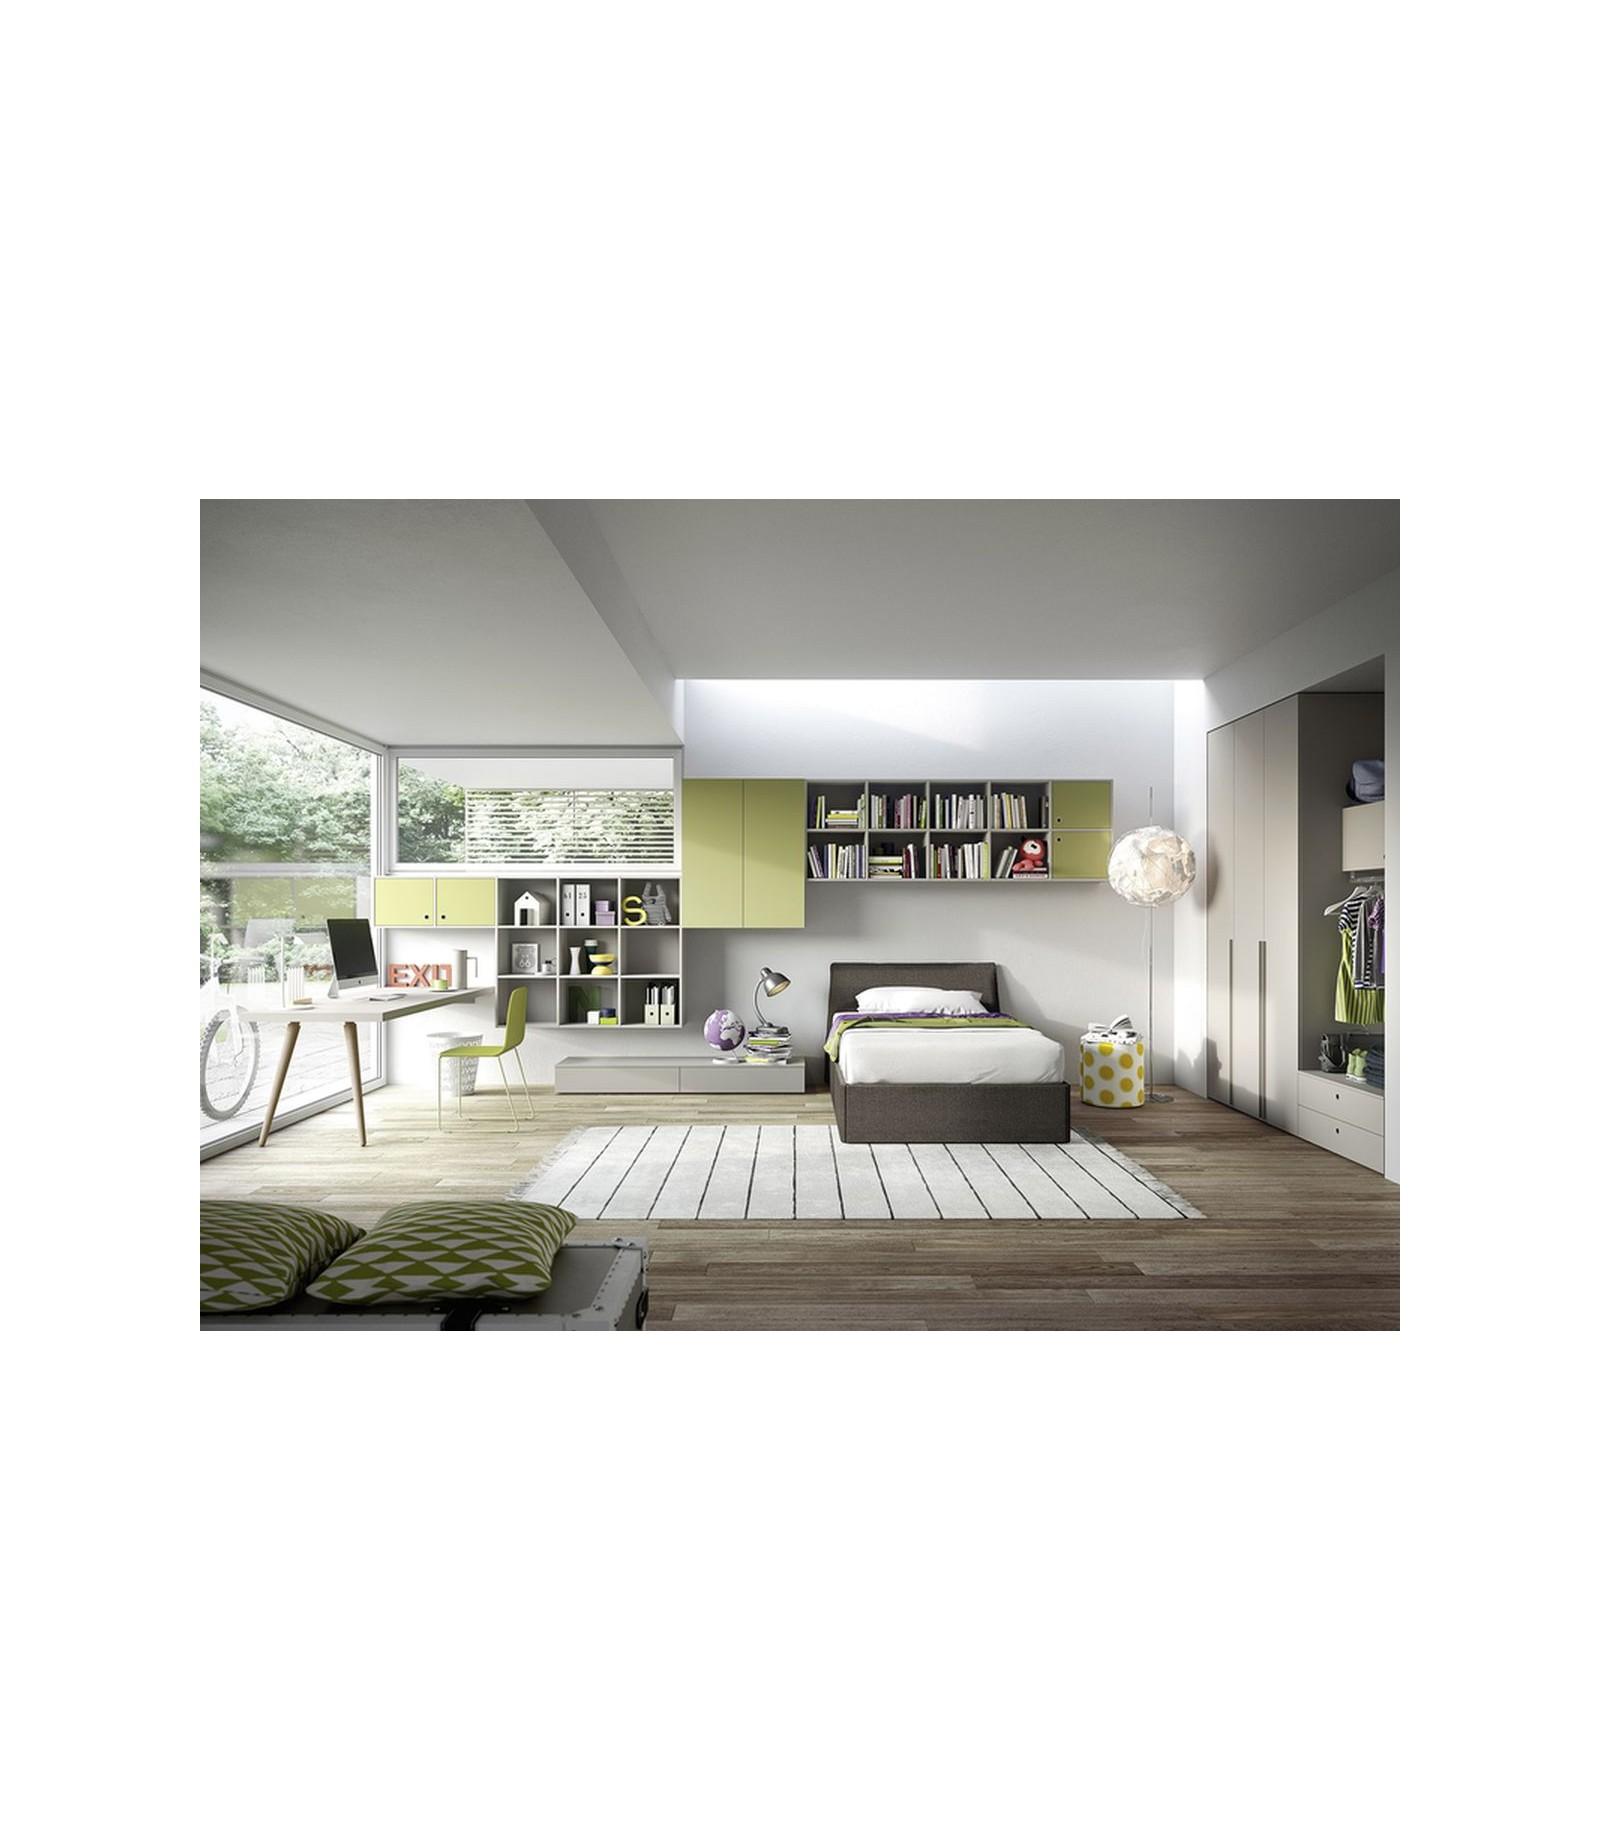 Progettare la cameretta casa with progettare stanza for Disegnare stanza online